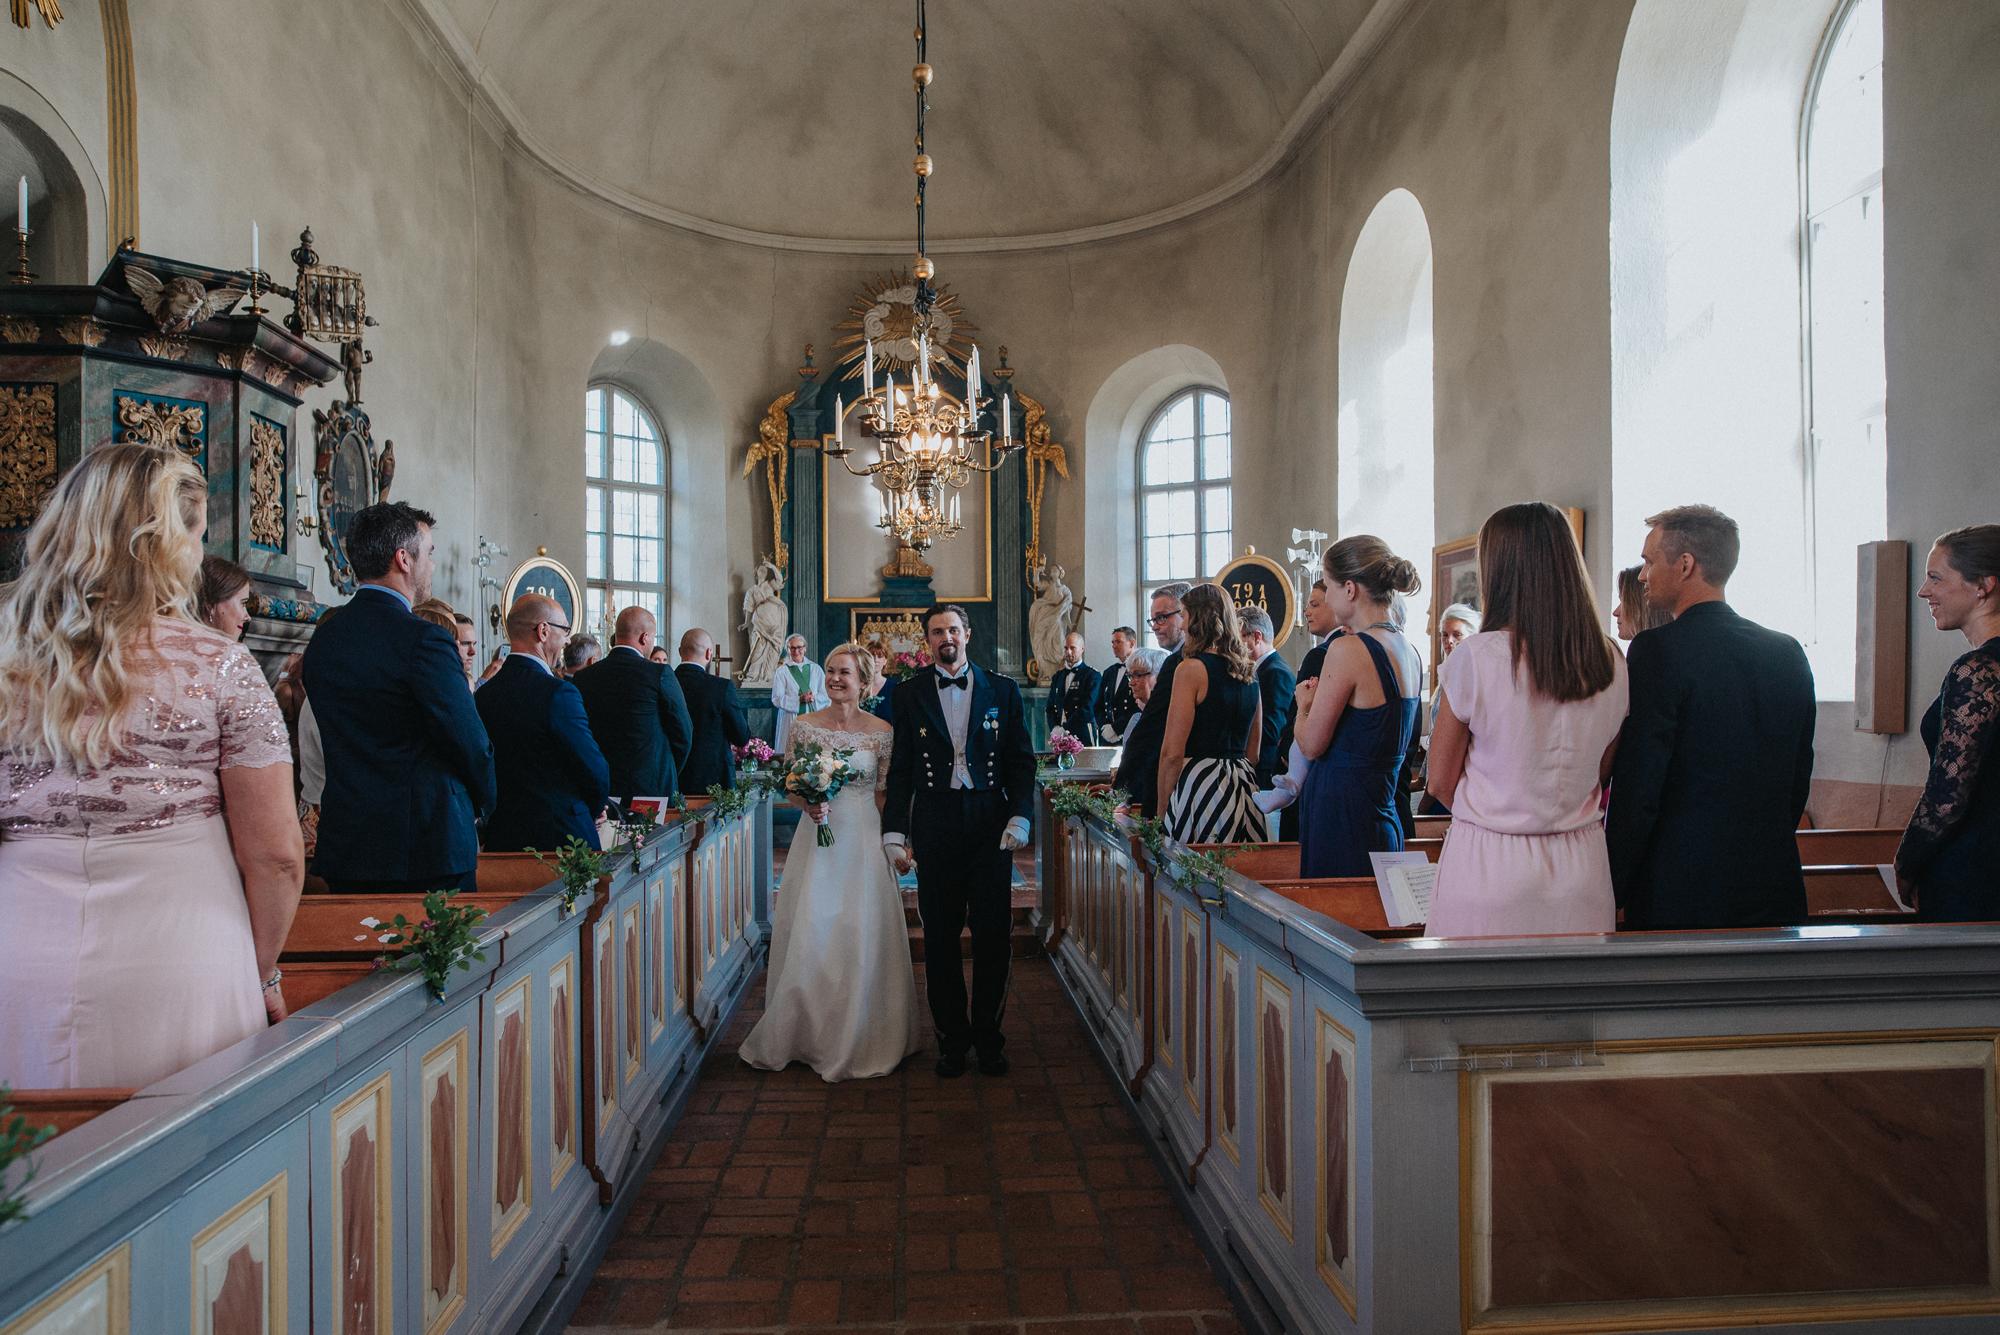 035-bröllopsfotograf-vassunda-knivsta-neas-fotografi.jpg